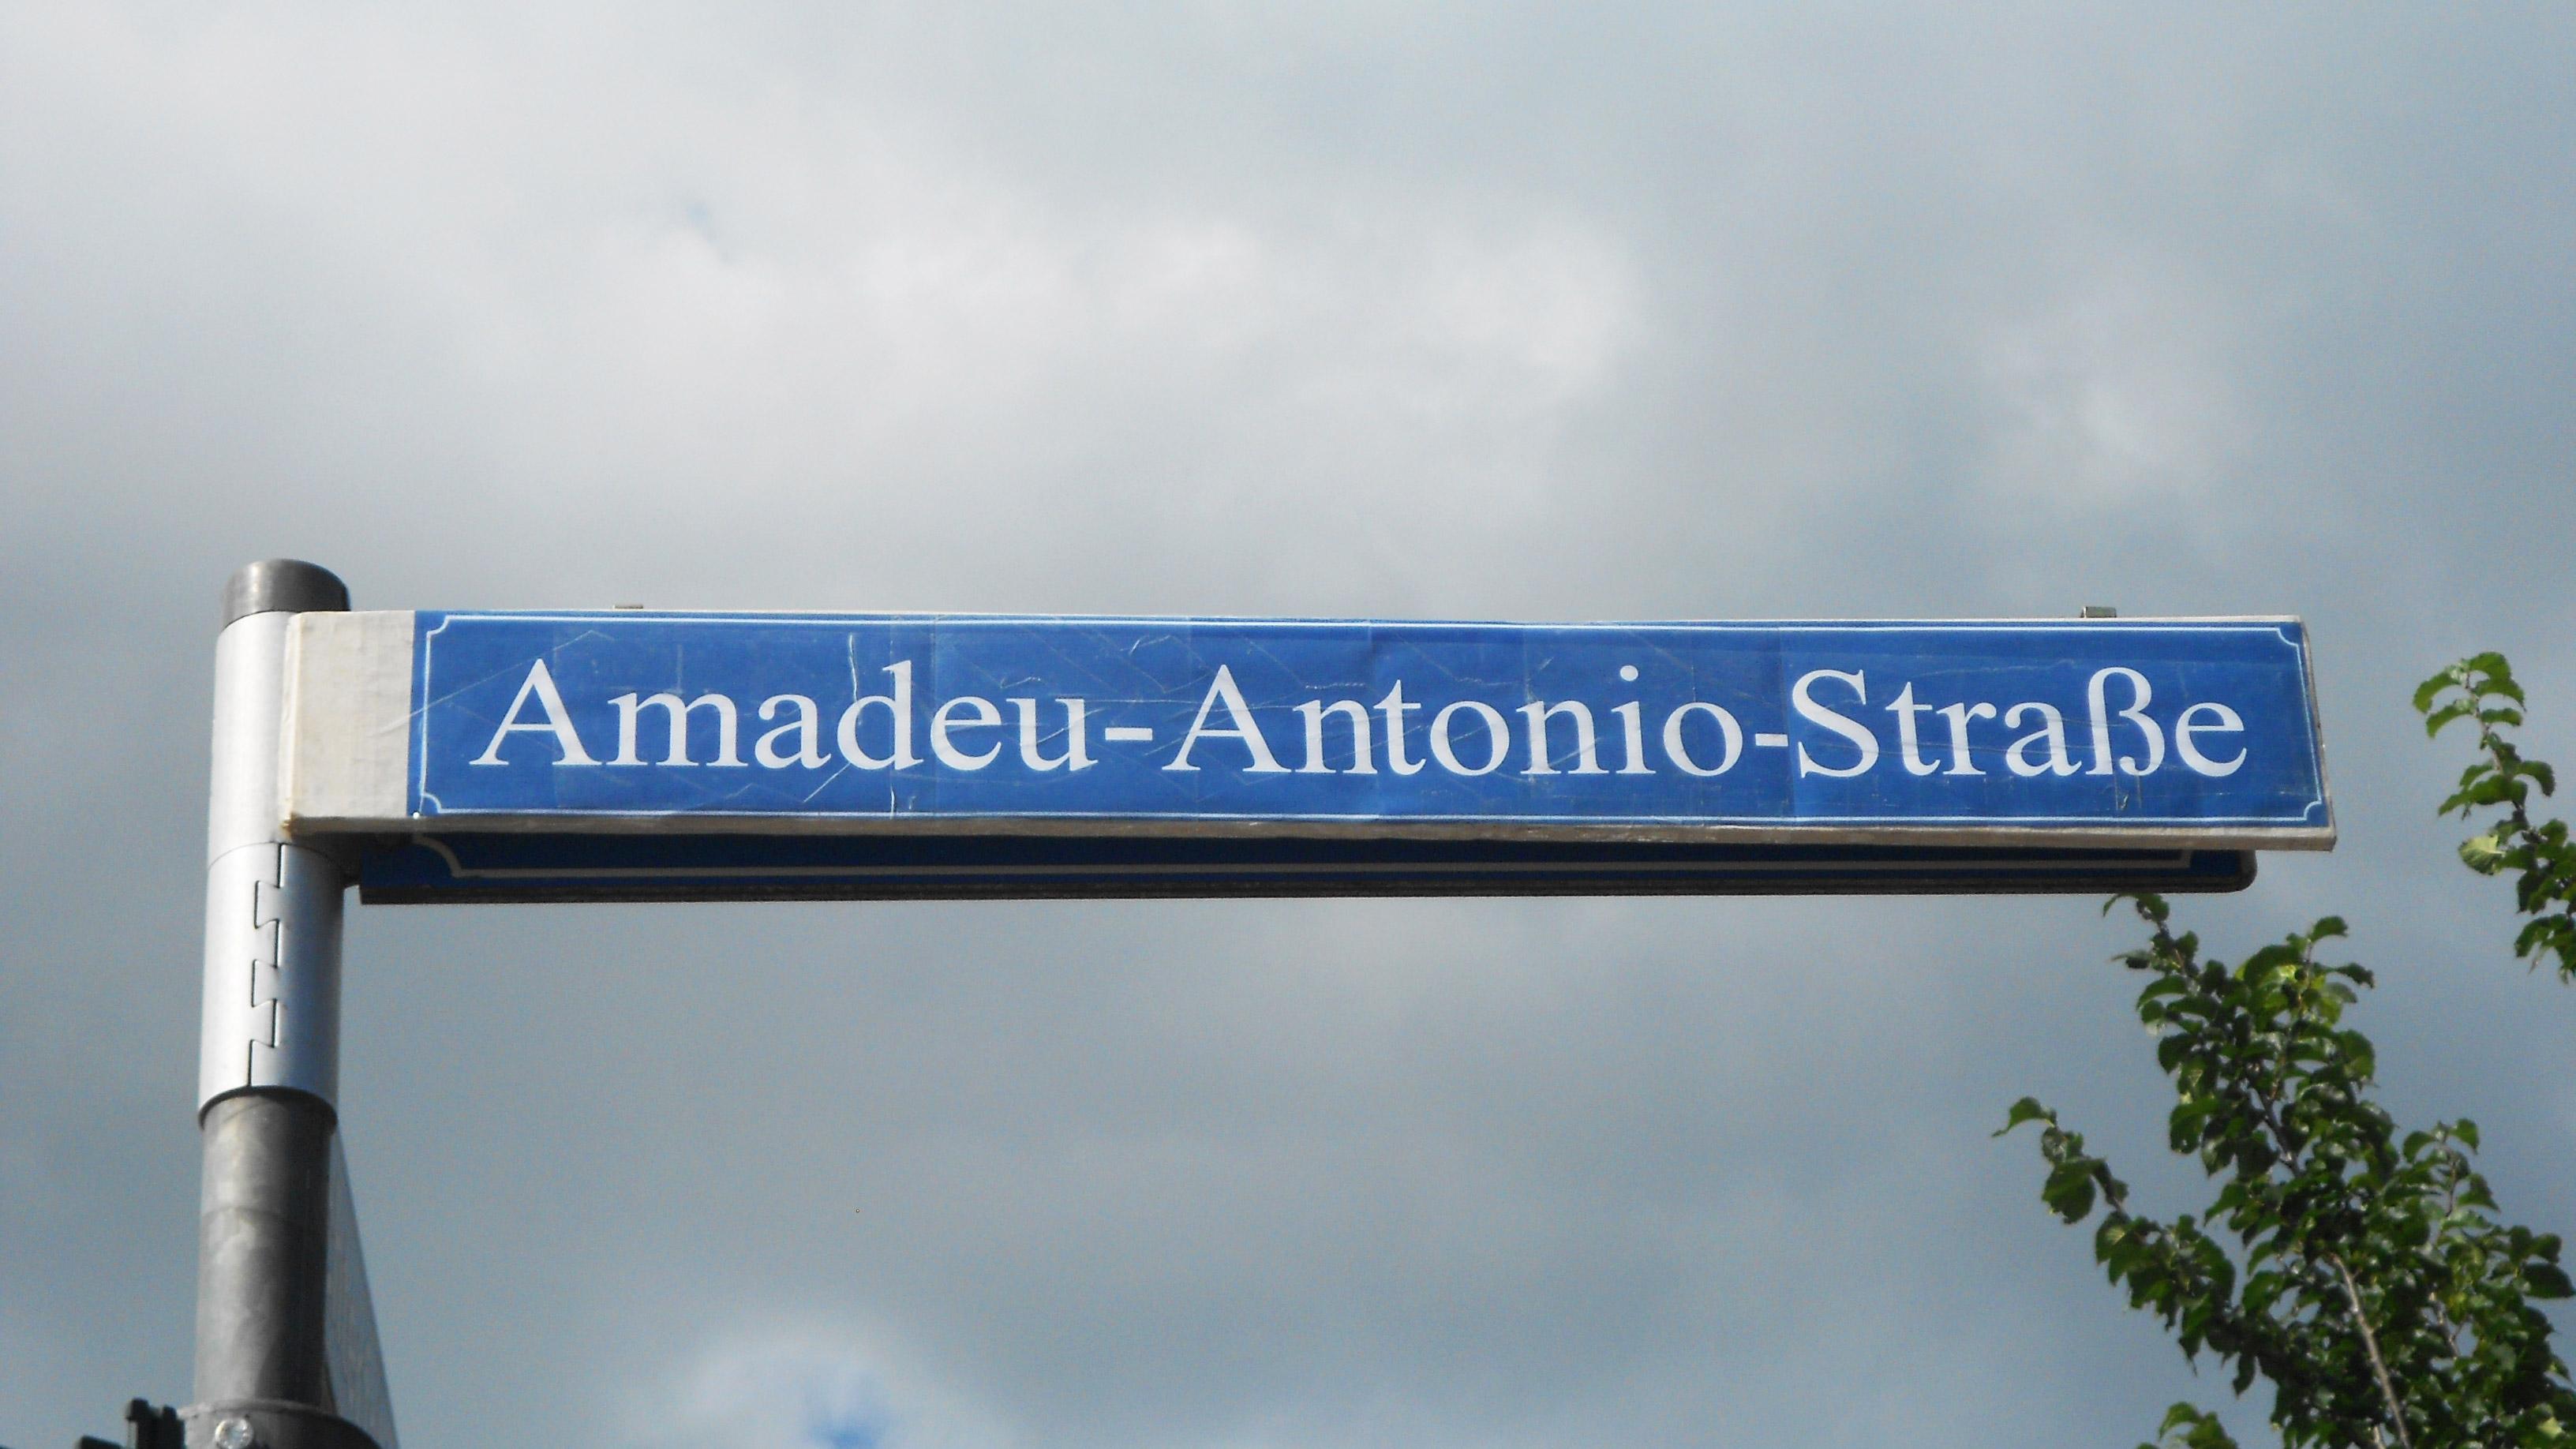 Amadeu_Antonio_Straße_16_9